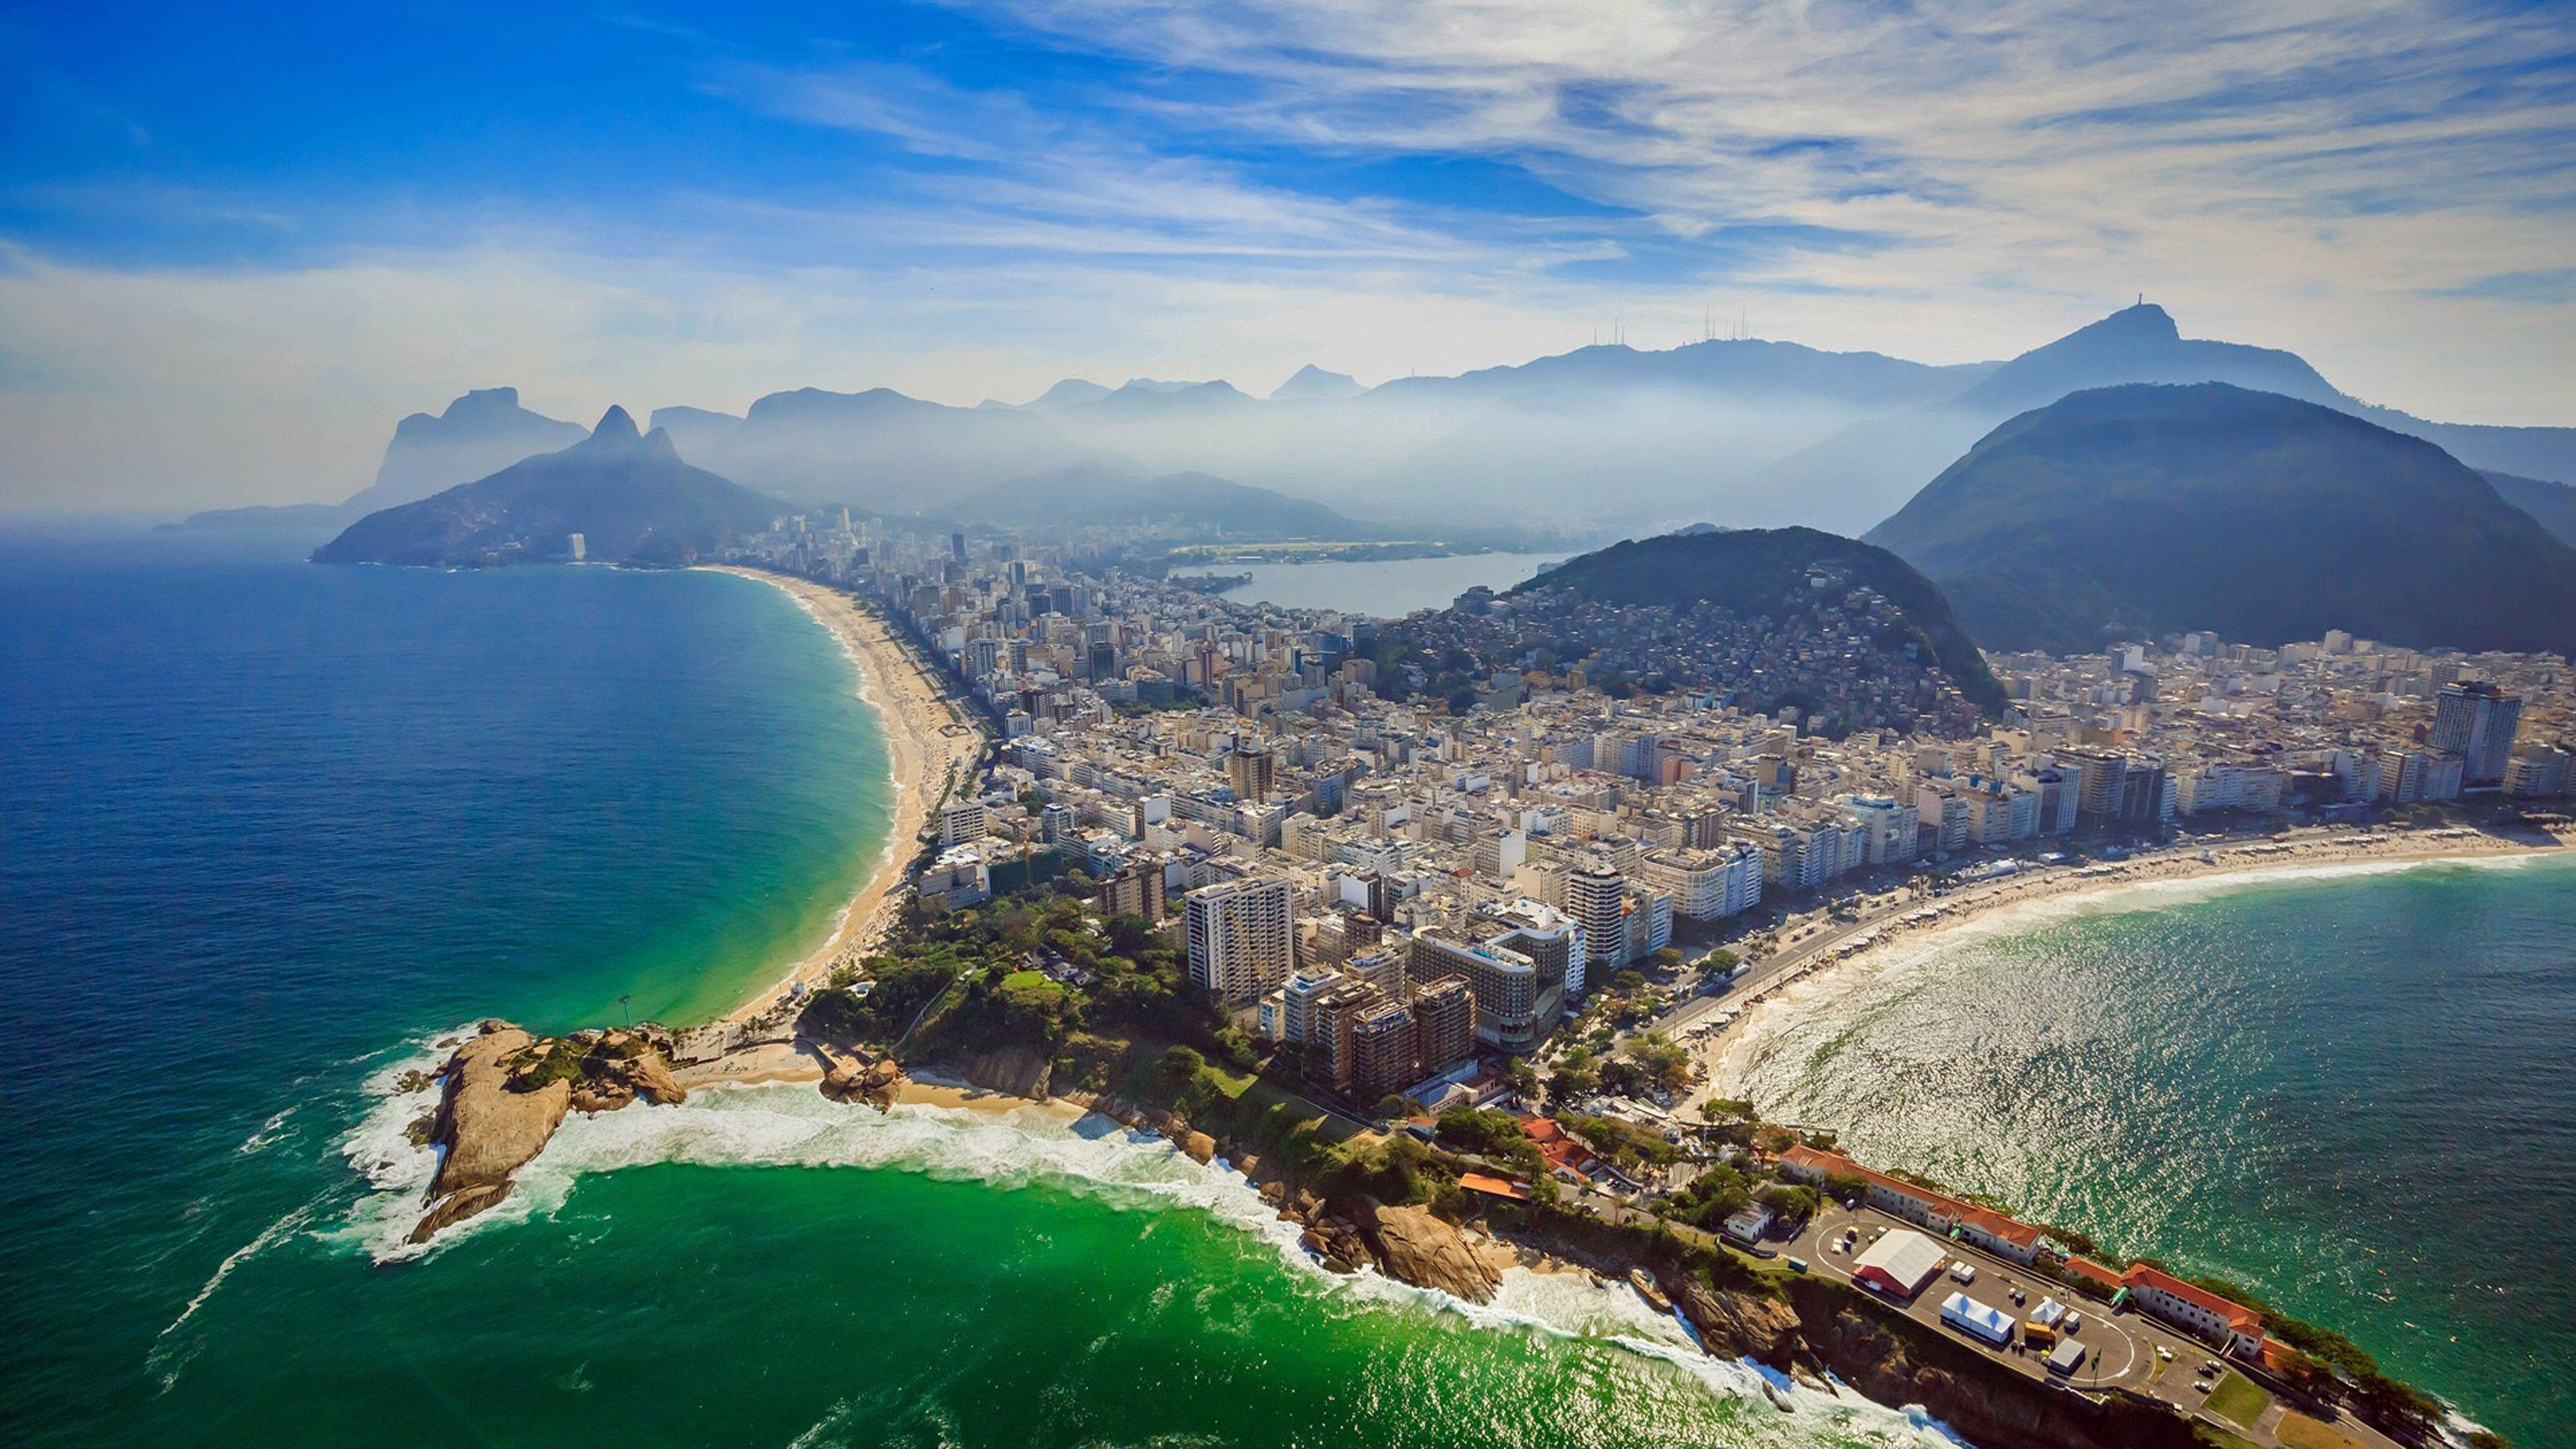 Rio De Janeiro Copacabana Beach And Ipanema Beach Aerial View 3840x2160